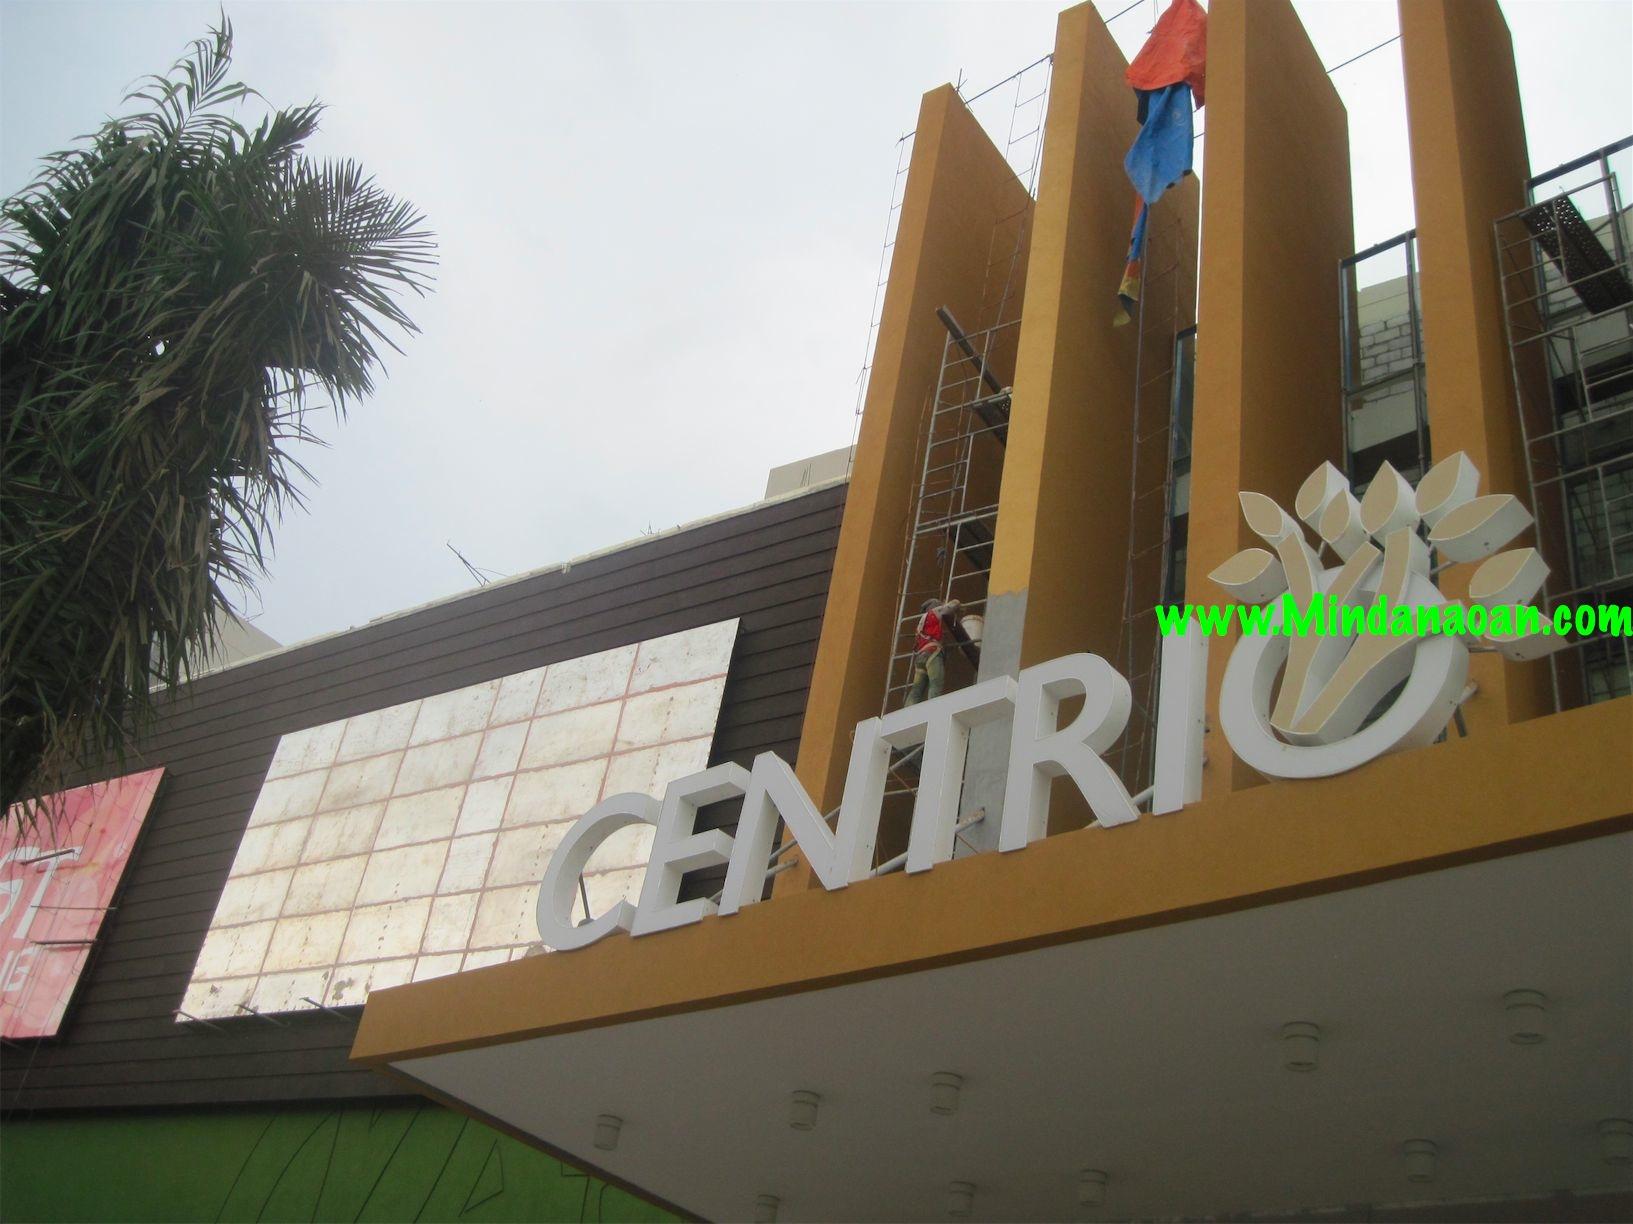 centrio ayala mall cagayan de oro